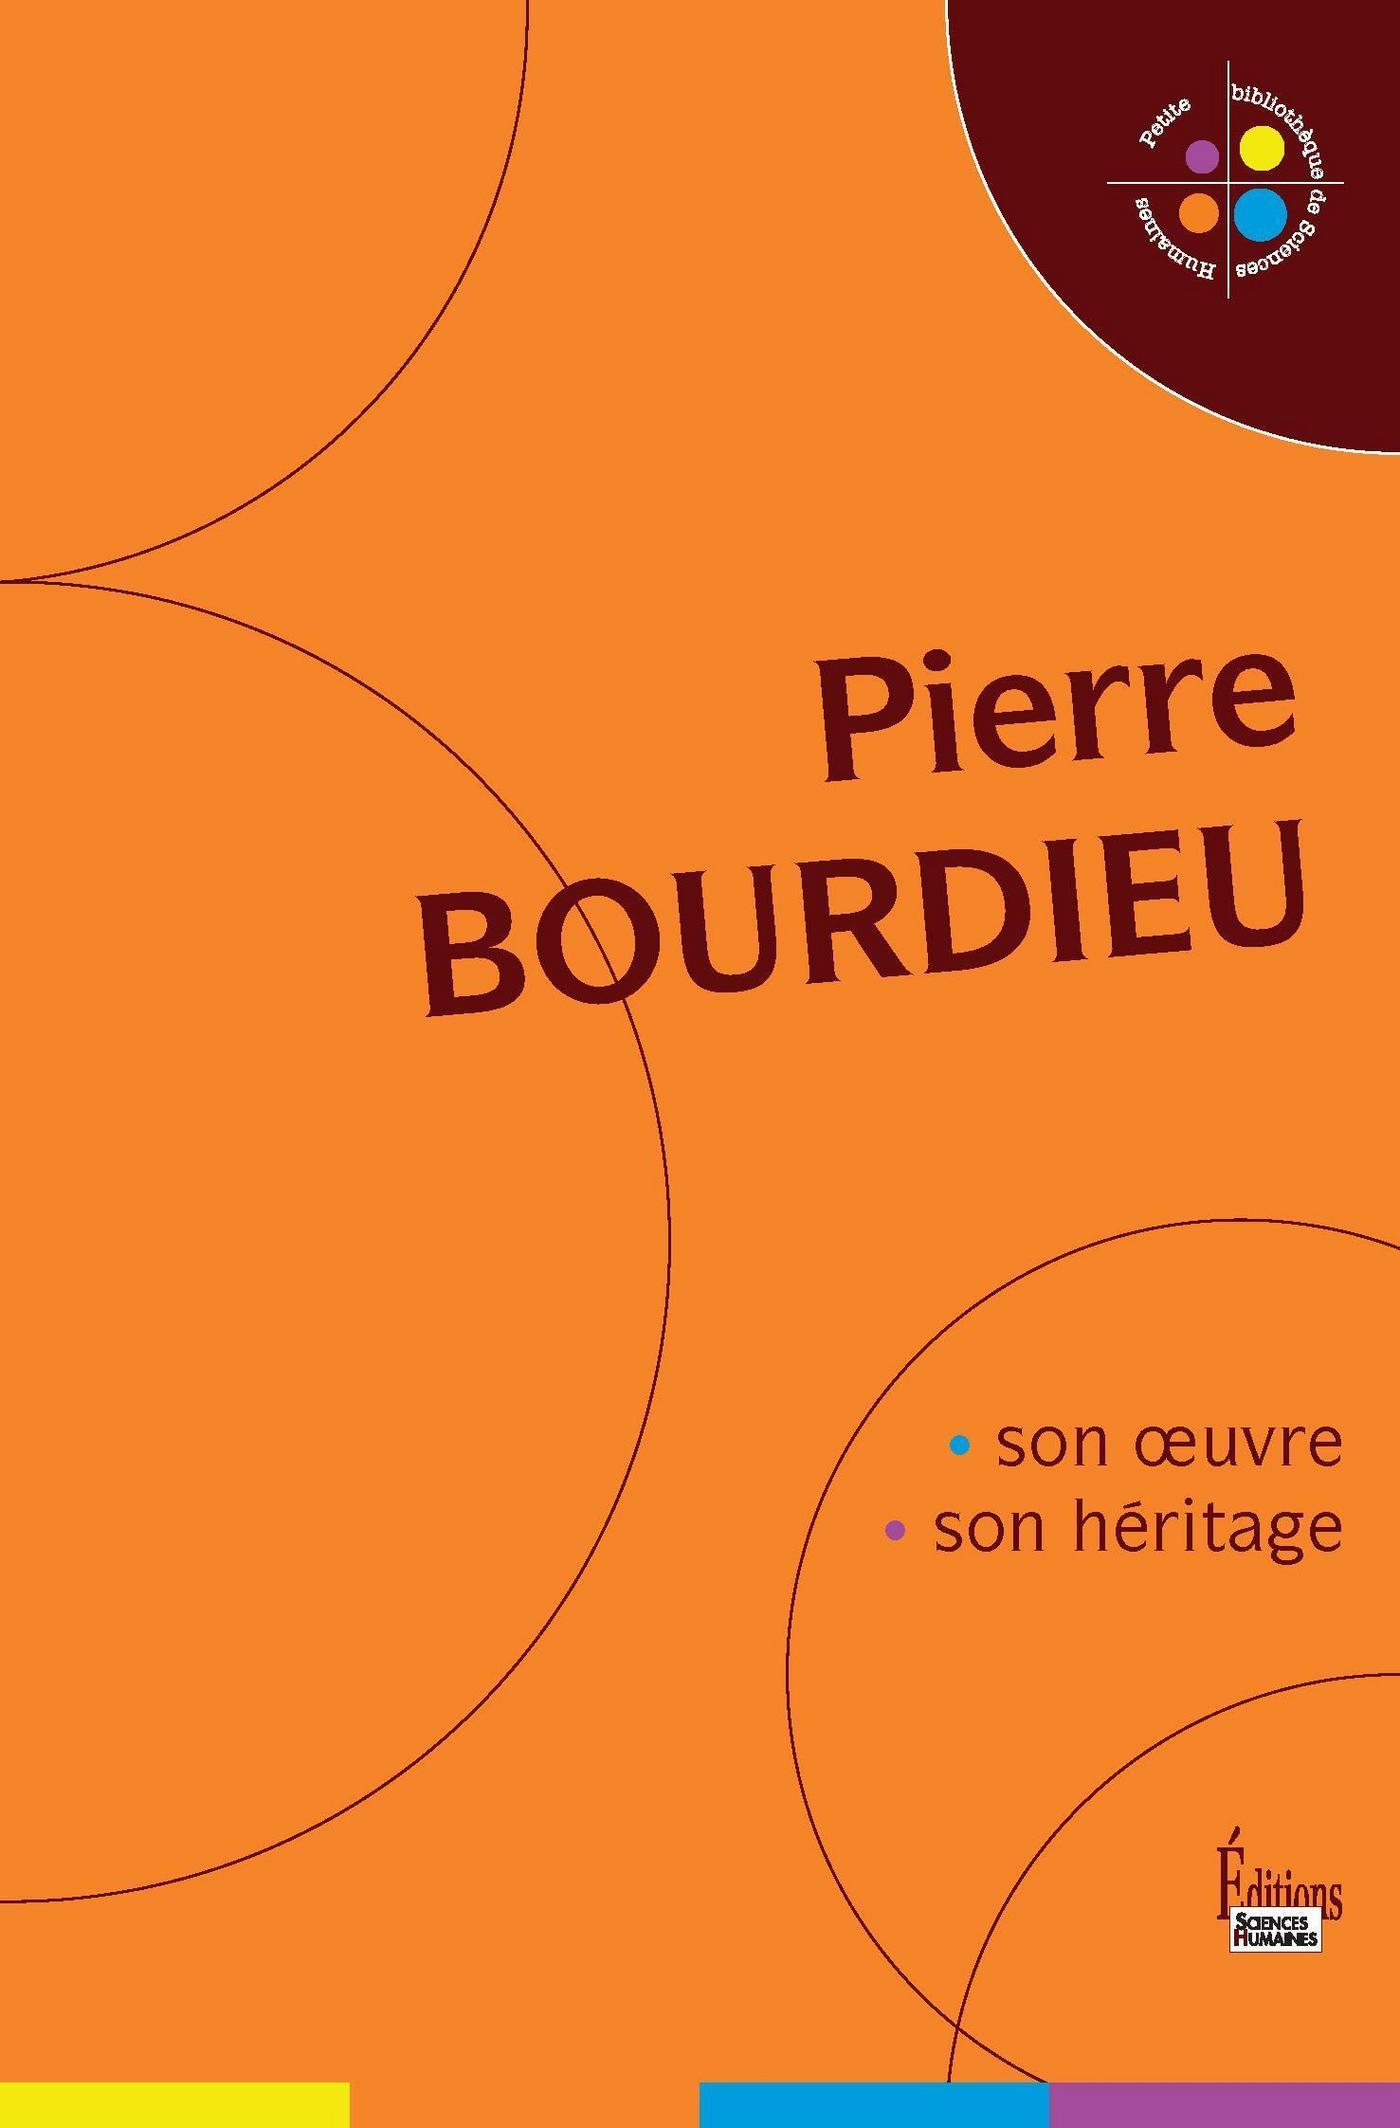 Pierre Bourdieu, son oeuvre, son héritage